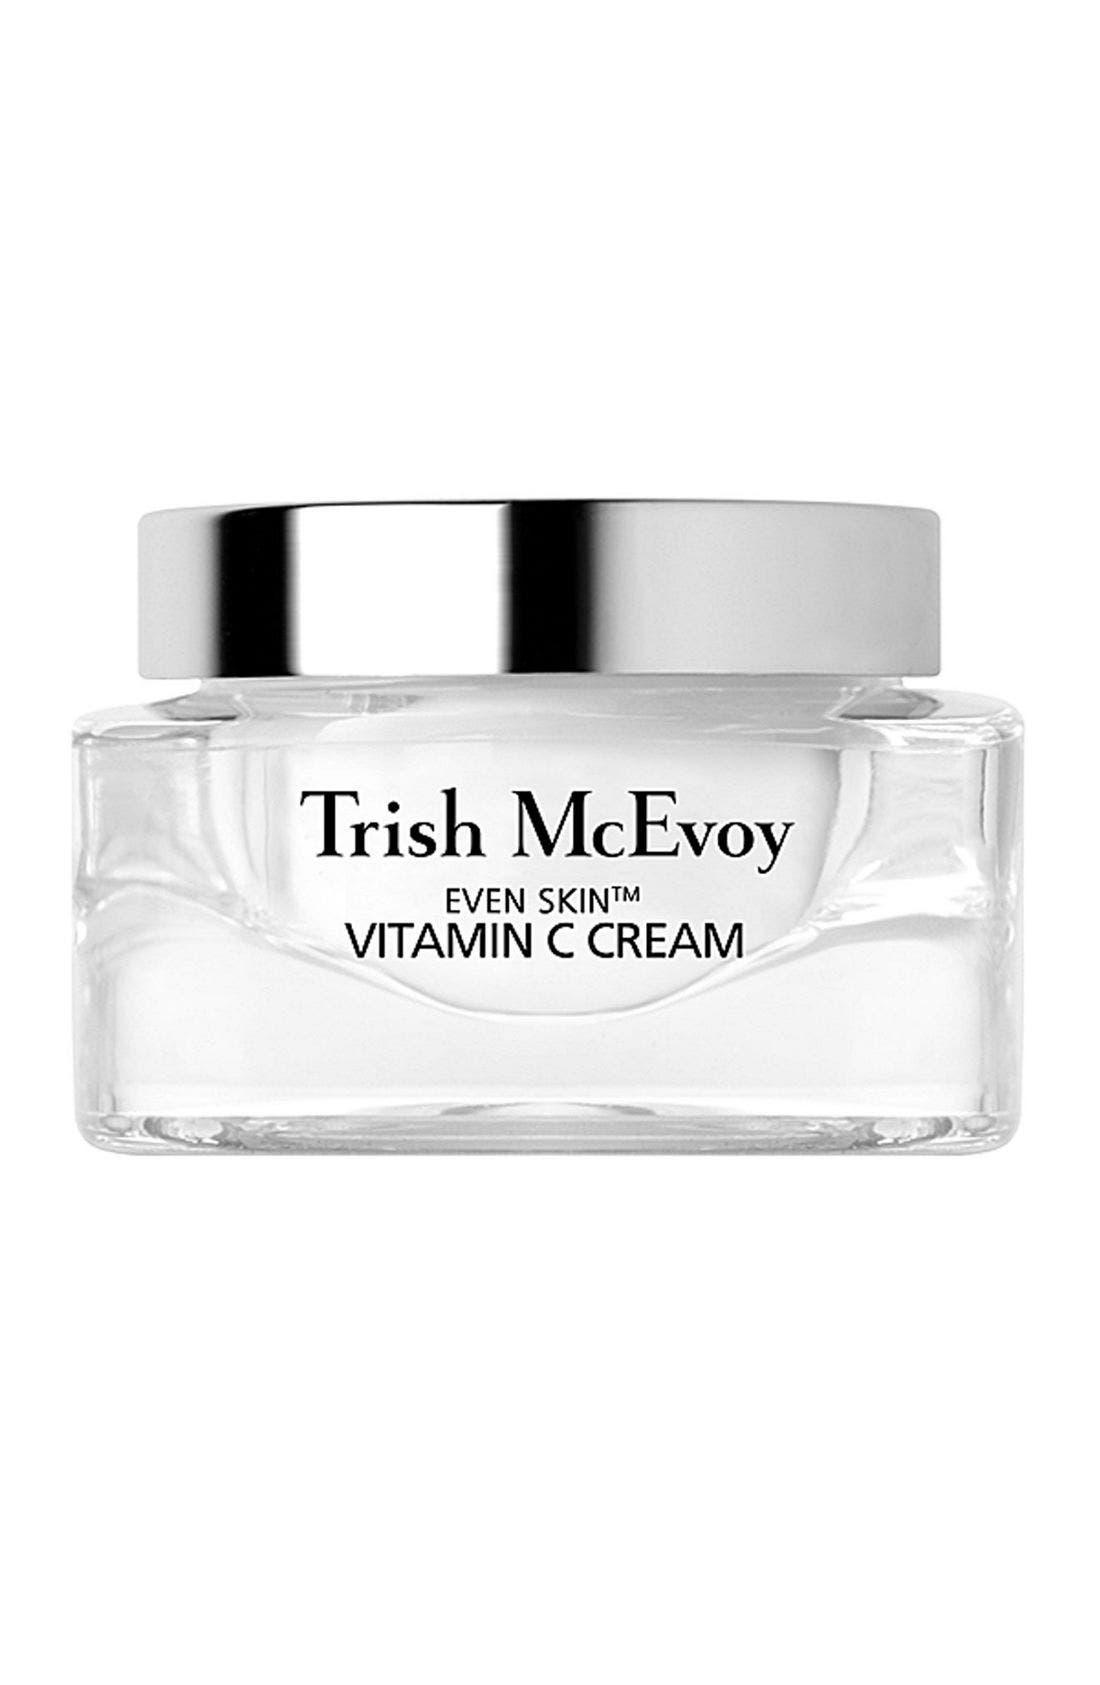 Even Skin Vitamin C Cream,                             Main thumbnail 1, color,                             NO COLOR